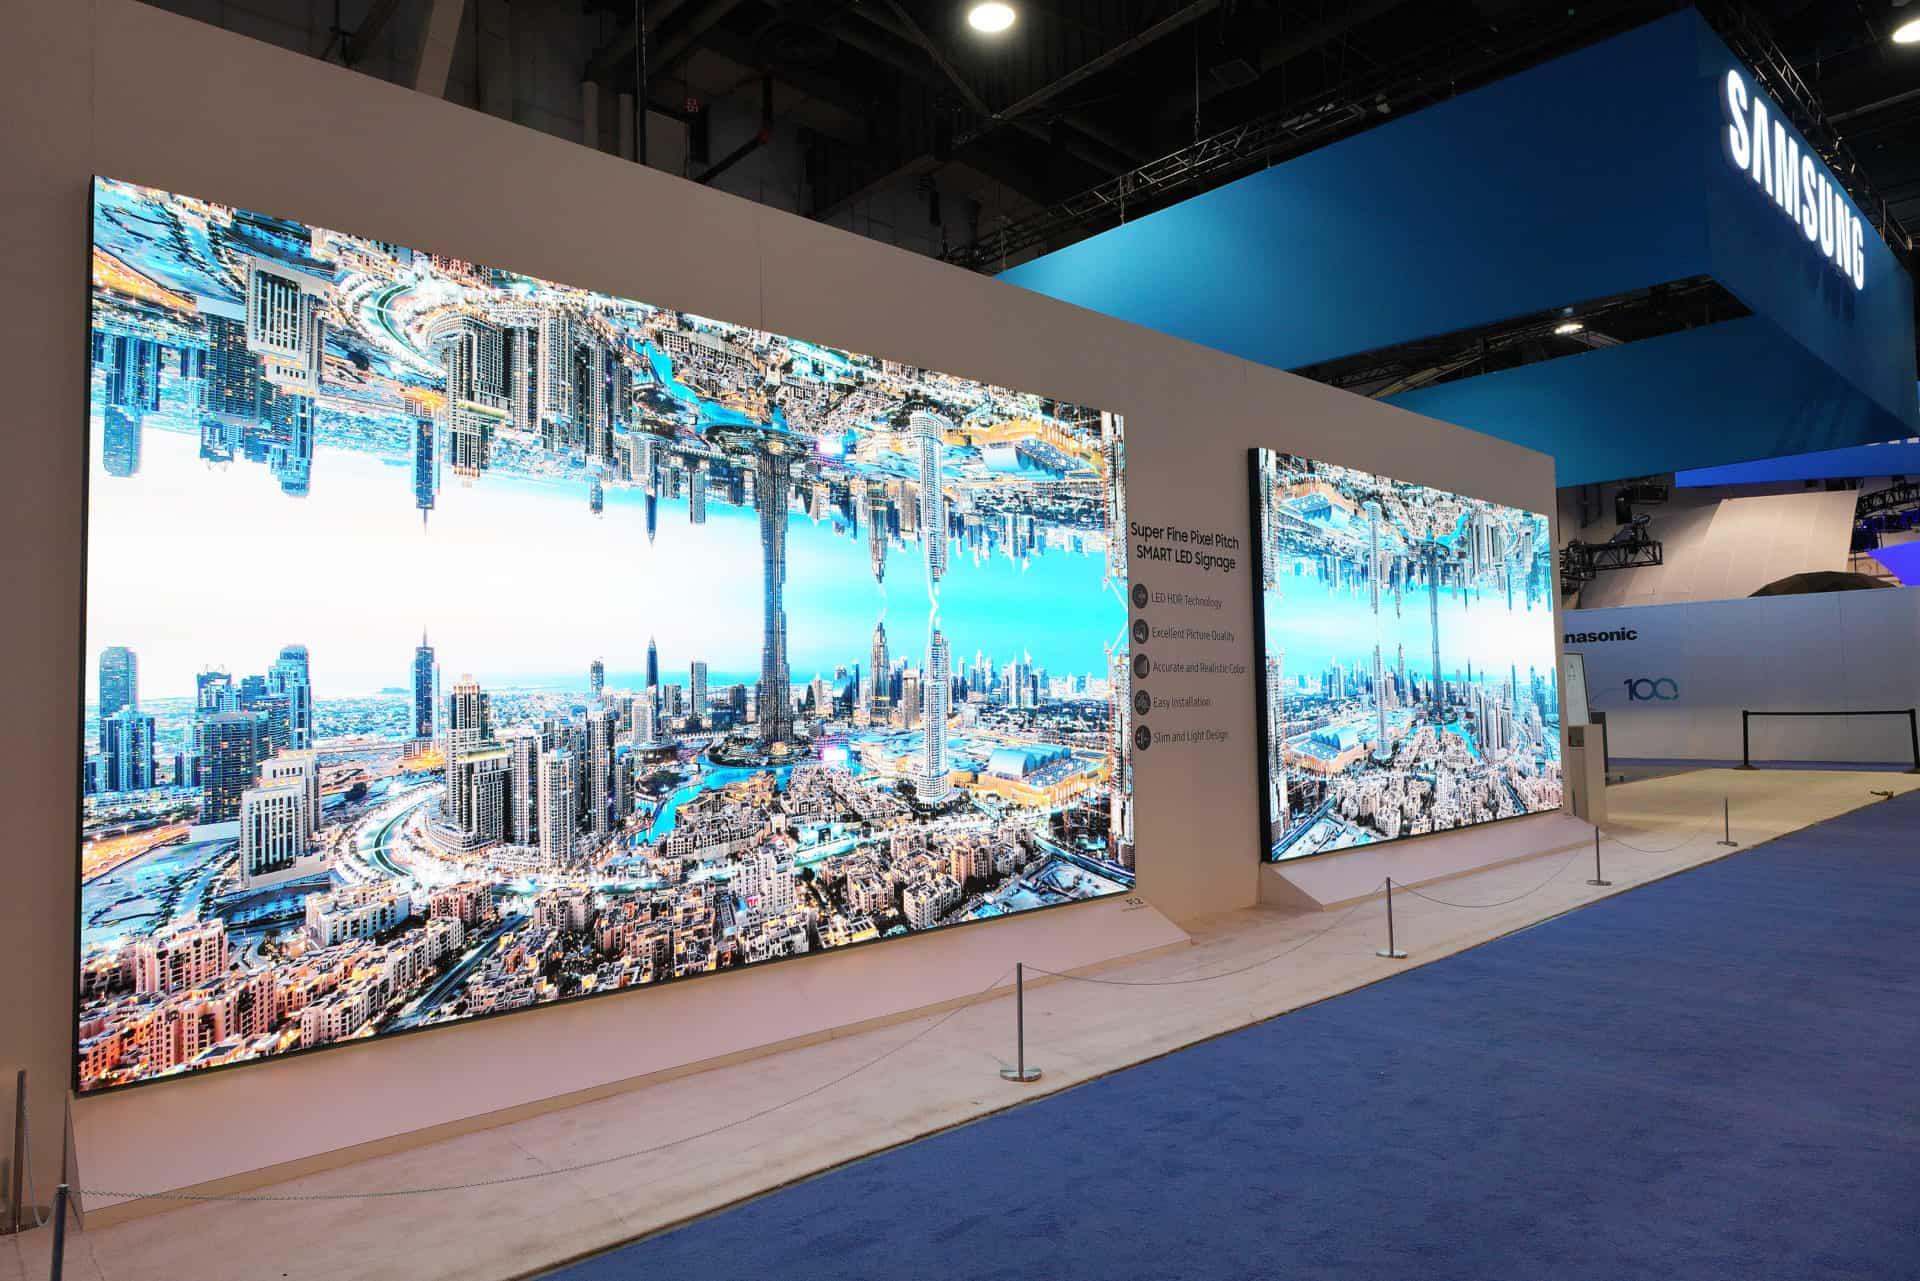 Samsung představil na veletrhu InfoComm The Wall Professional